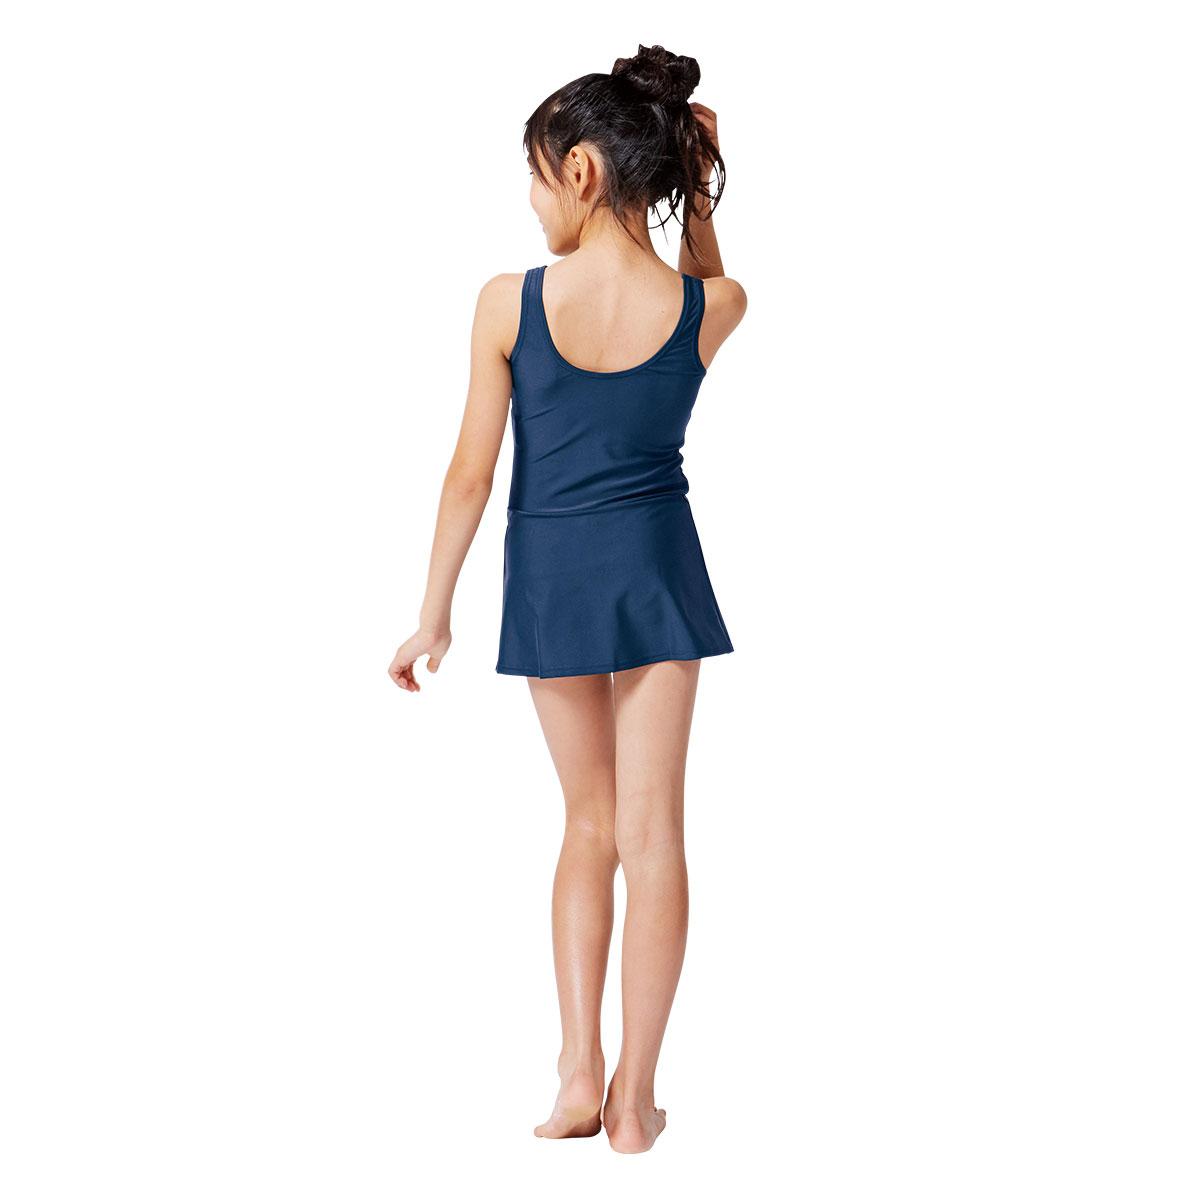 下着フェチに捧ぐの女生が露出の激し過ぎるエロい服装の画像